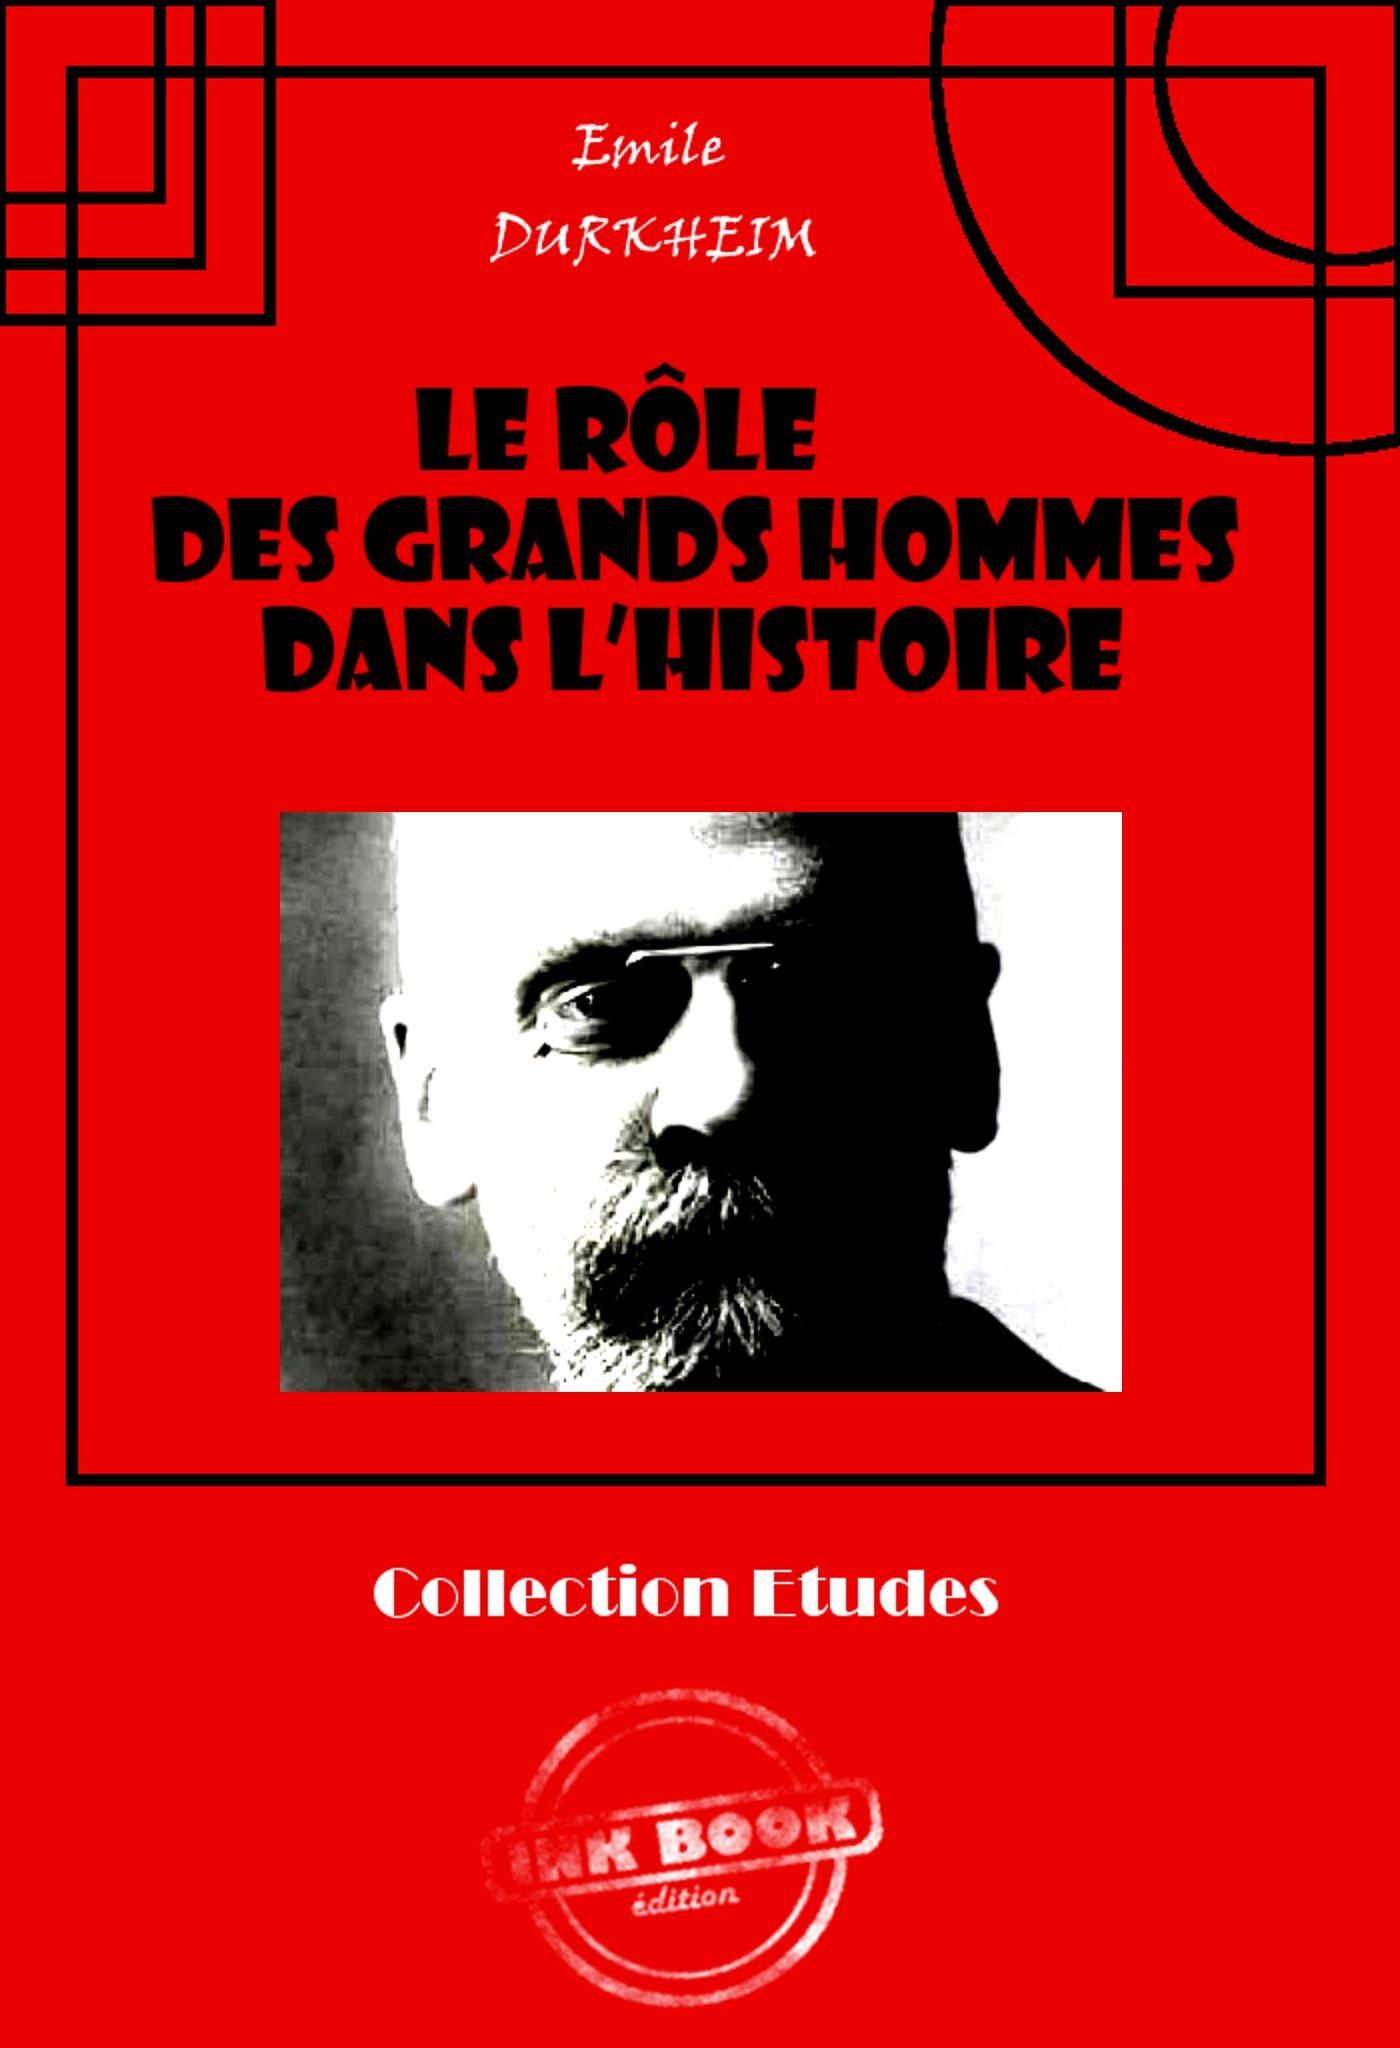 Le rôle des grands hommes dans l'histoire